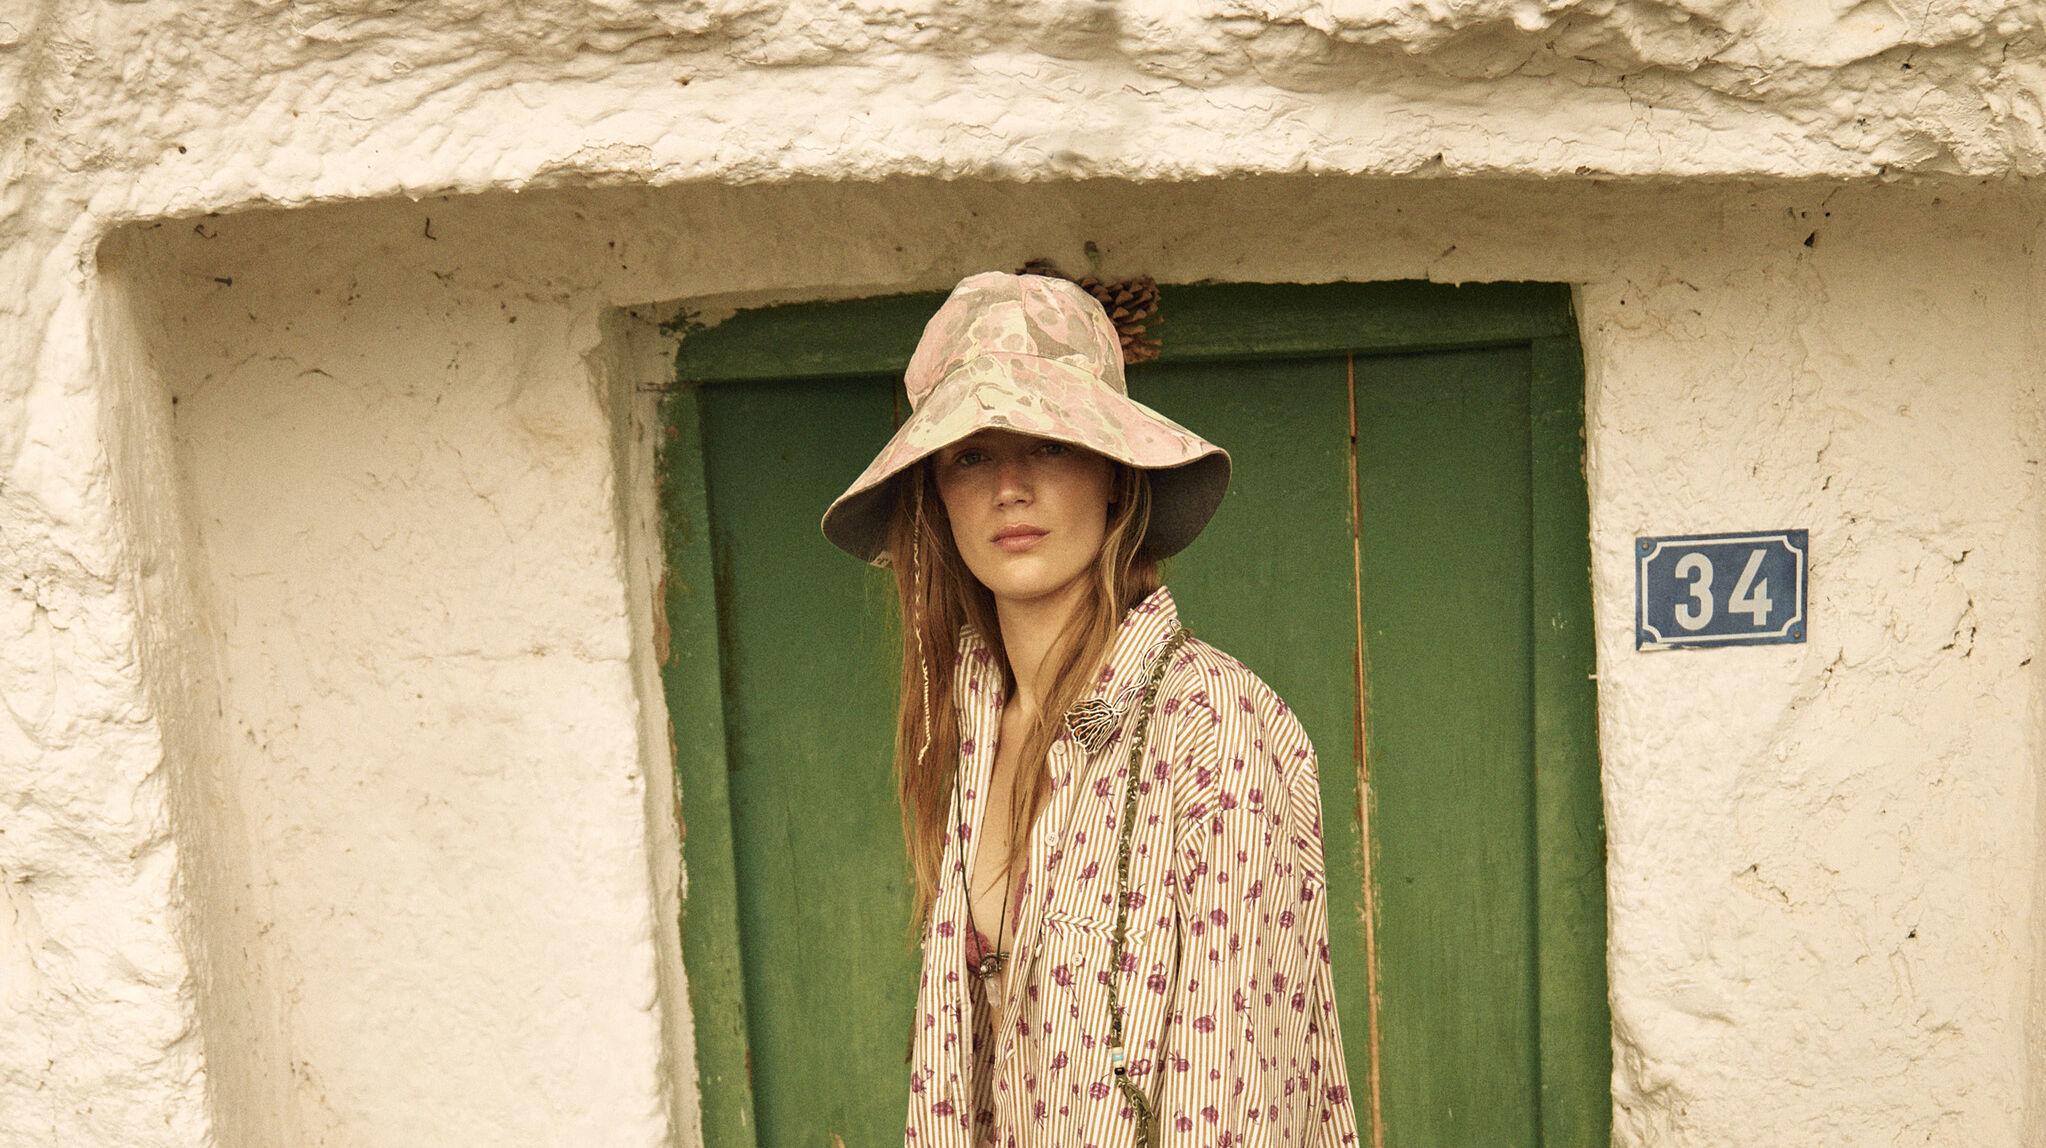 Desde hace varias temporadas los sombreros se han convertido en el accesorio de moda imprescindible de nuestro armario de verano.